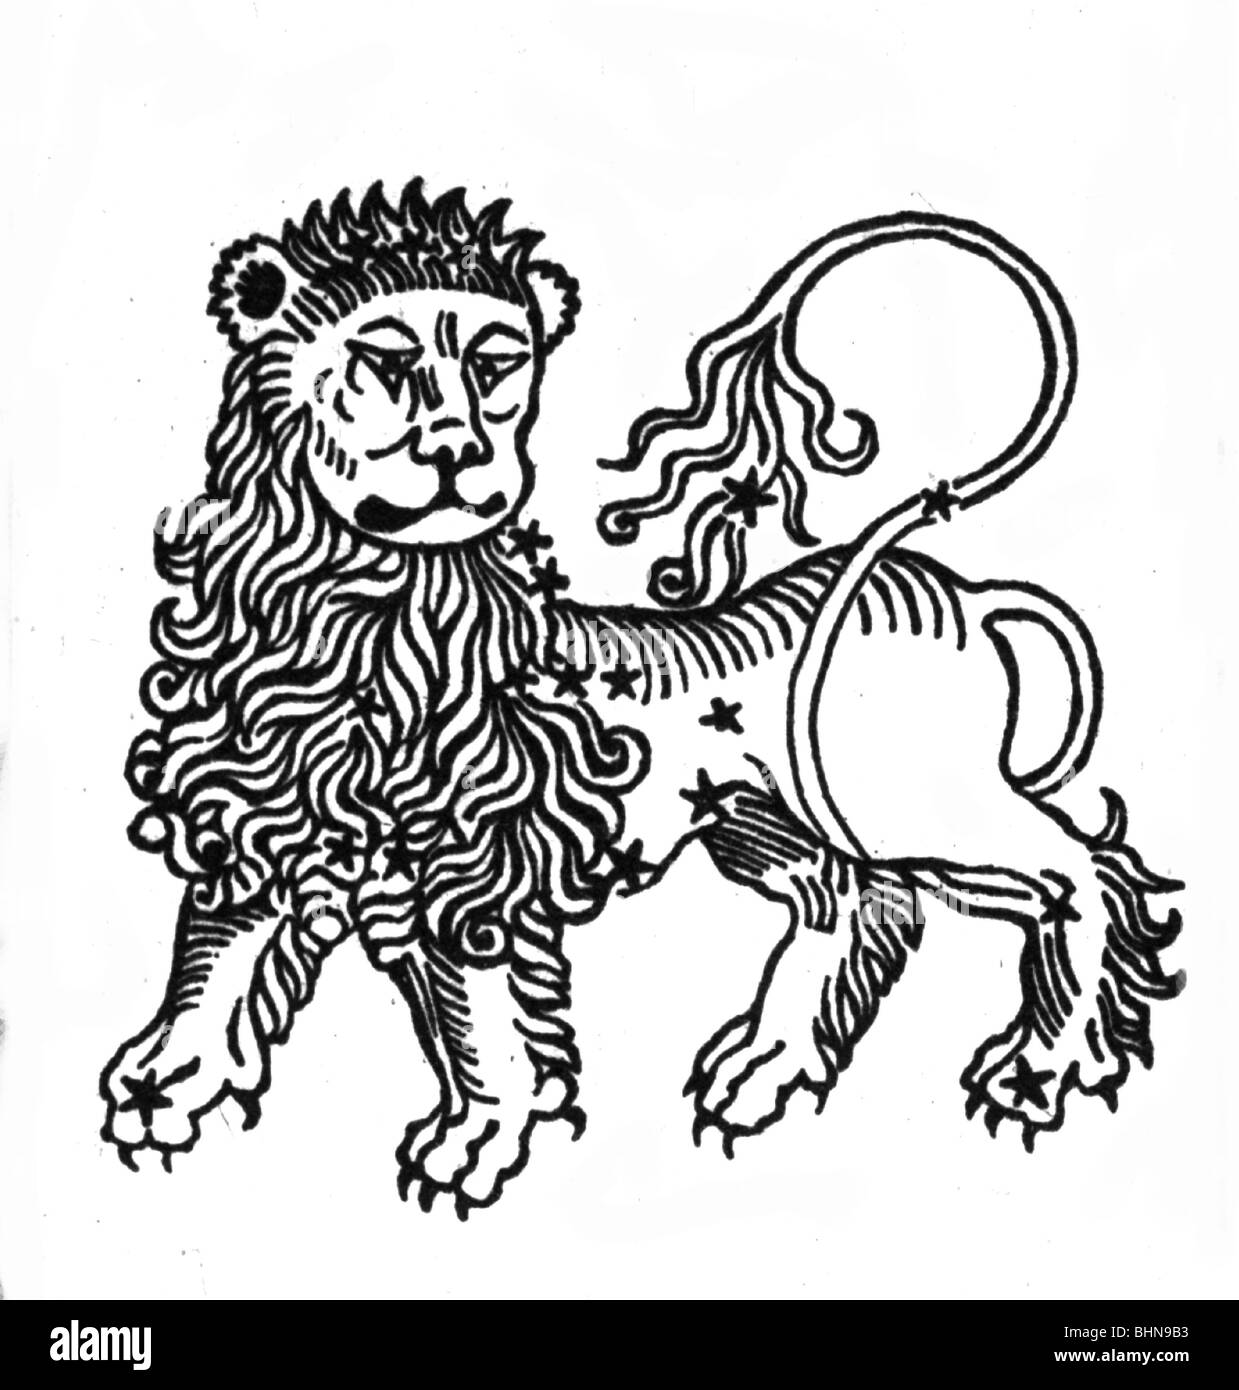 astrology, zodiac, sign of zodiac: Leo, mythologic image